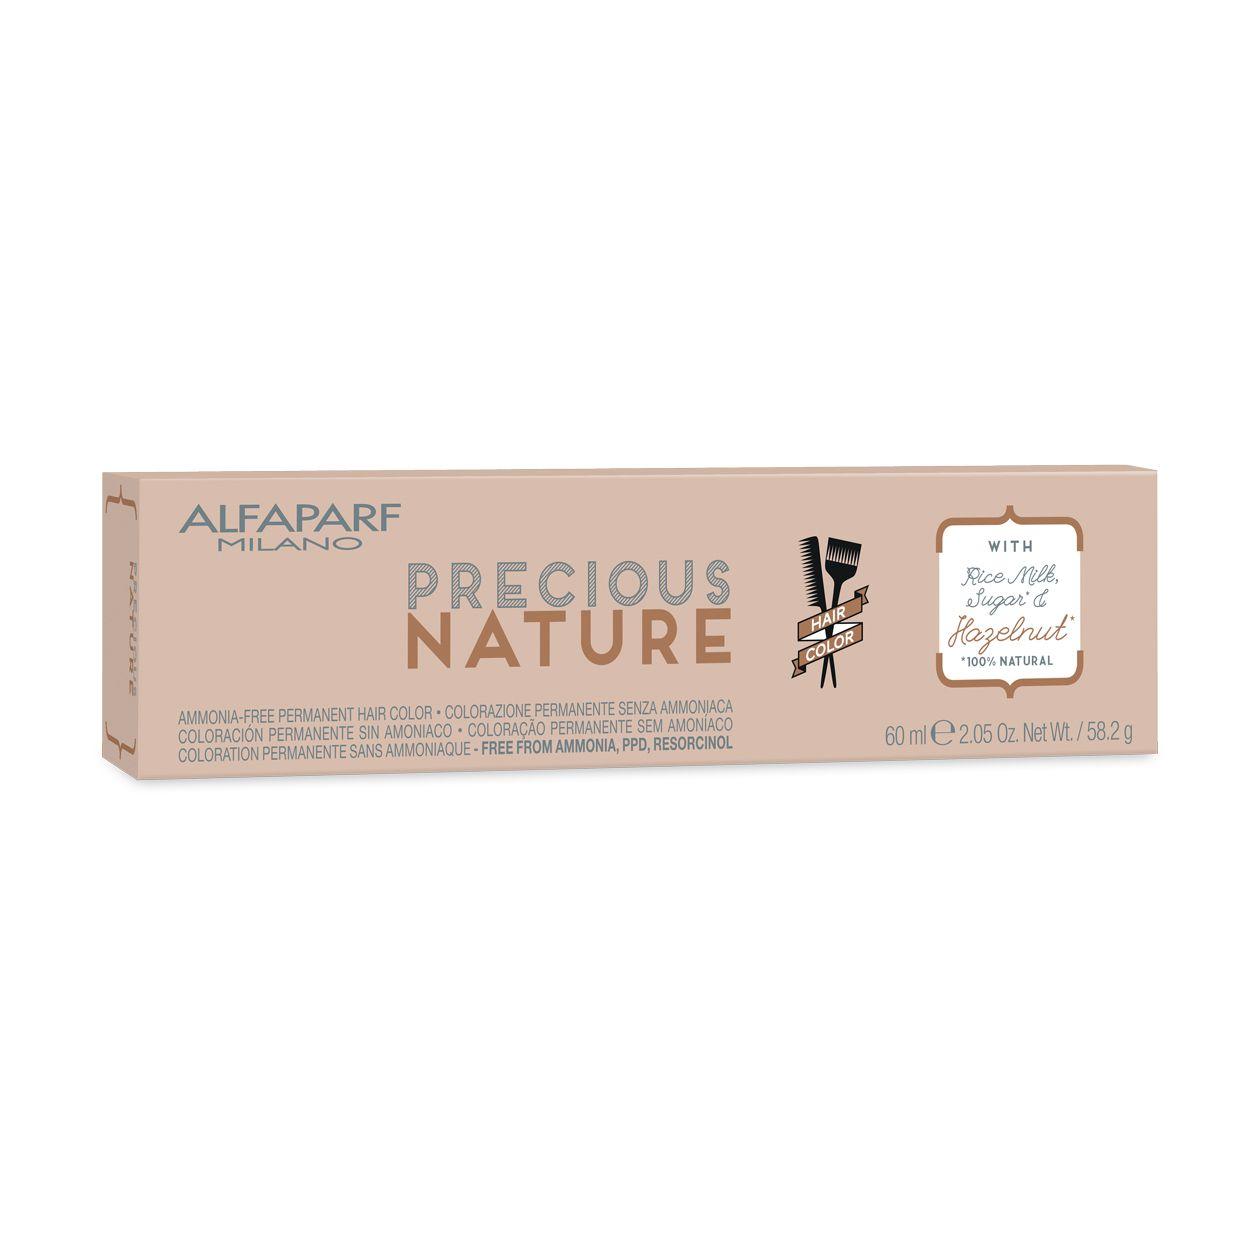 Alfaparf Milano Precious Nature Hair Color Creme de Coloração 5.1 Castanho Claro Cinza 60ml